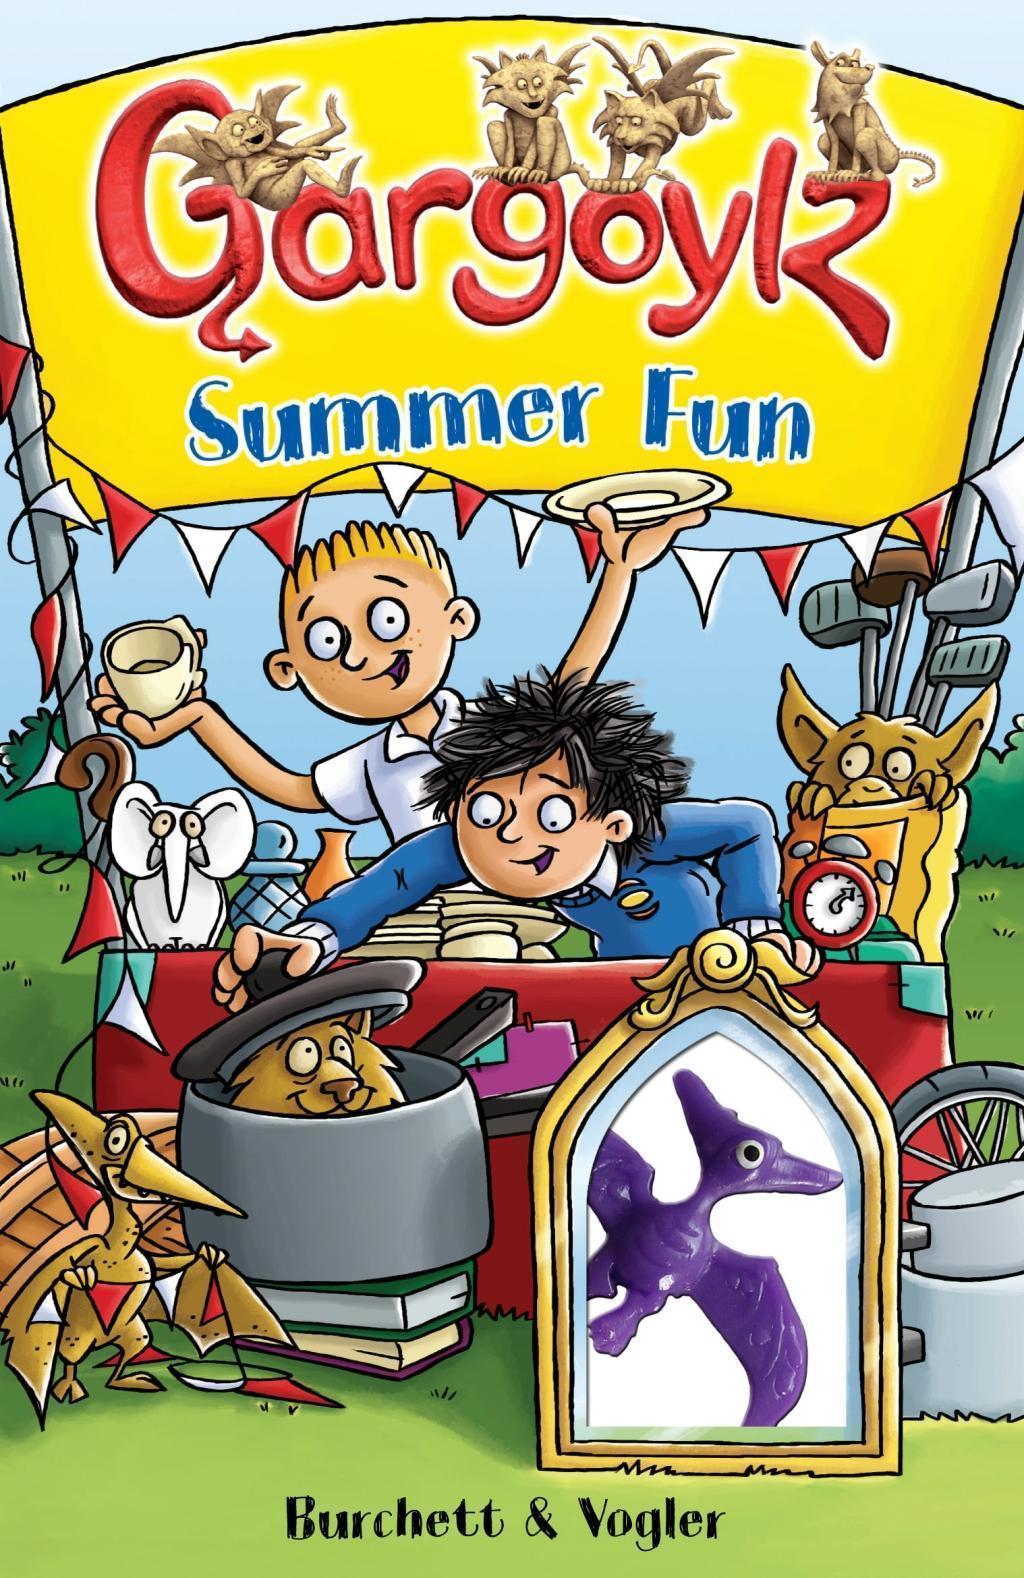 Gargoylz: Summer Fun